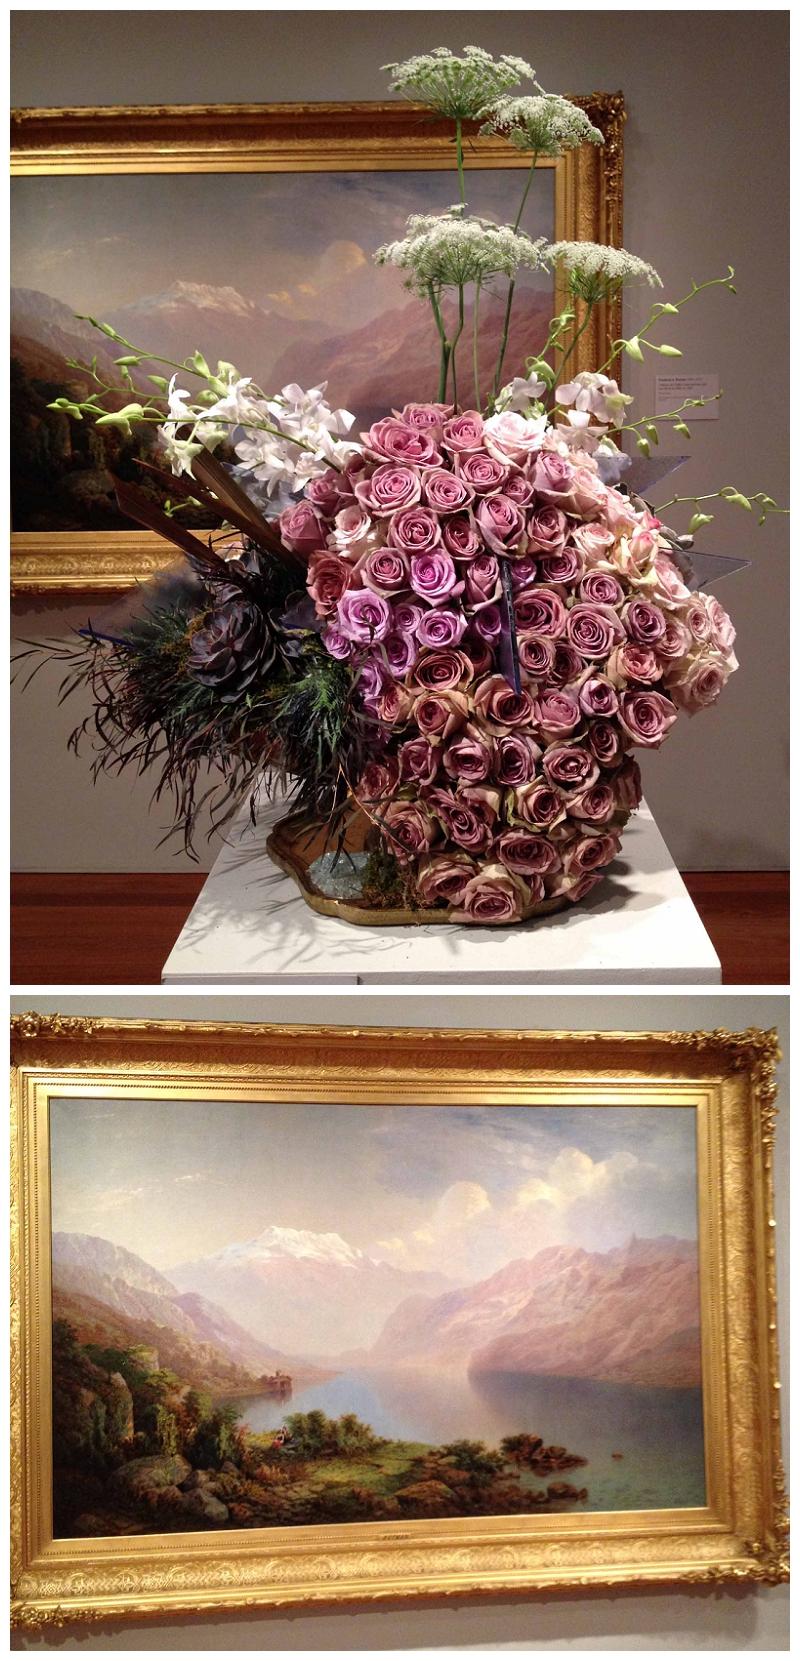 Floral Designers: Miss Scarlet's Flowers. Art Piece: Federick Butman, Chateau de Chillon